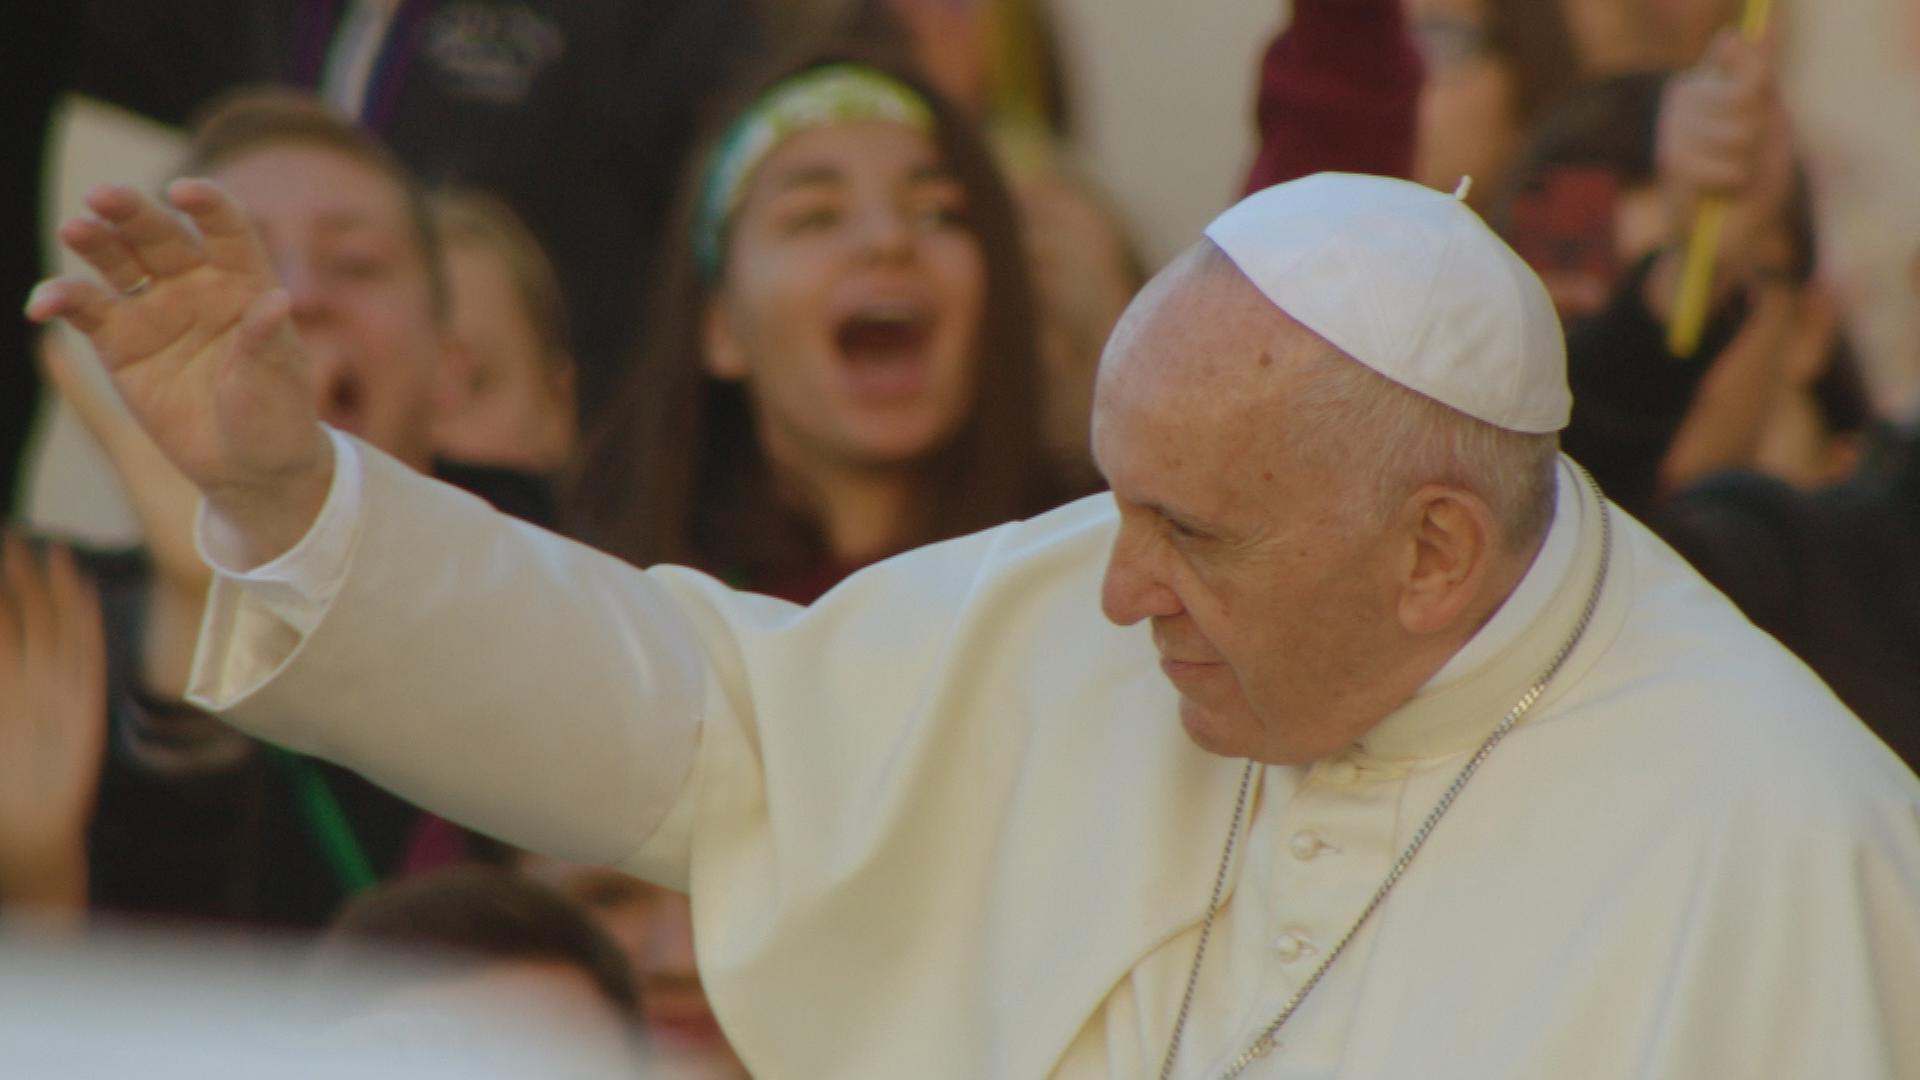 nachrichten zdf morgenmagazin fnf jahre papst franziskus - Papst Franziskus Lebenslauf